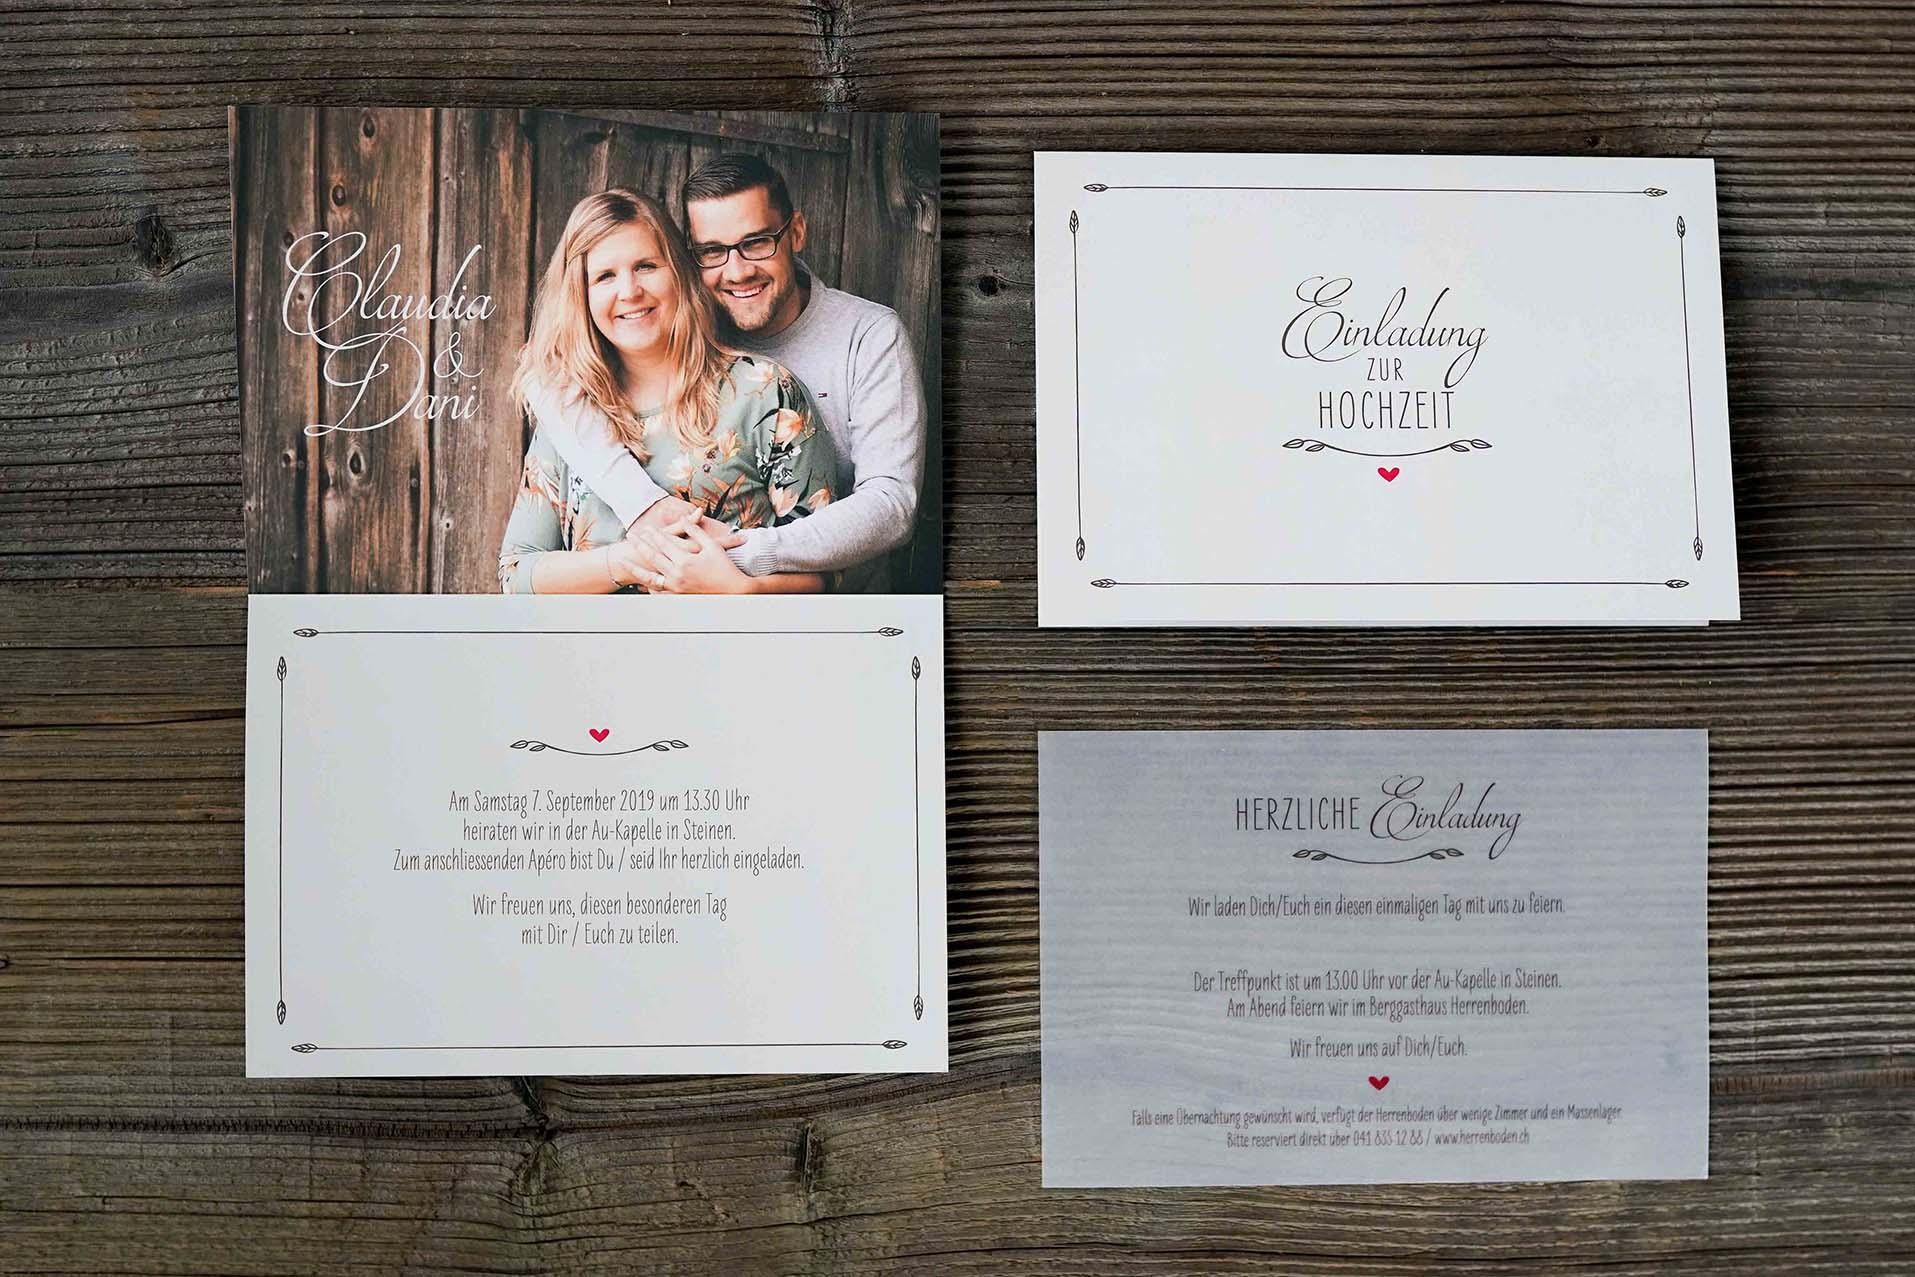 Hochzeitskarte Daniel & Claudia